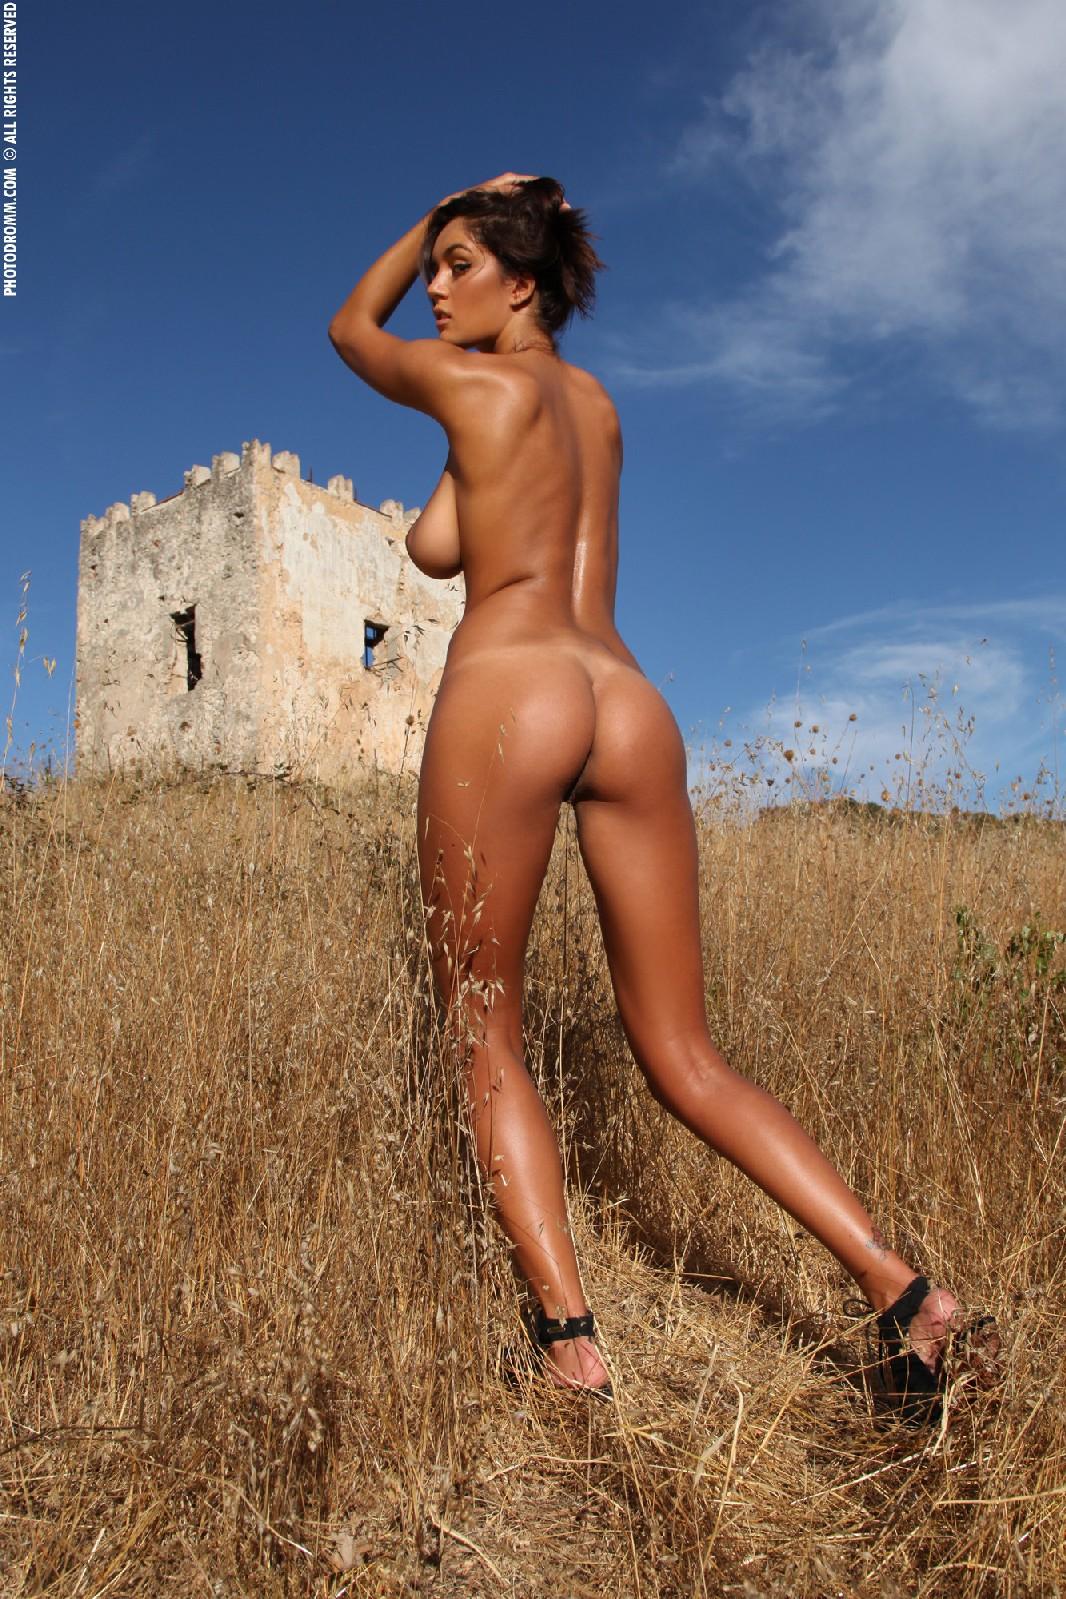 Девушка с большими сиськами фотографируется в поле